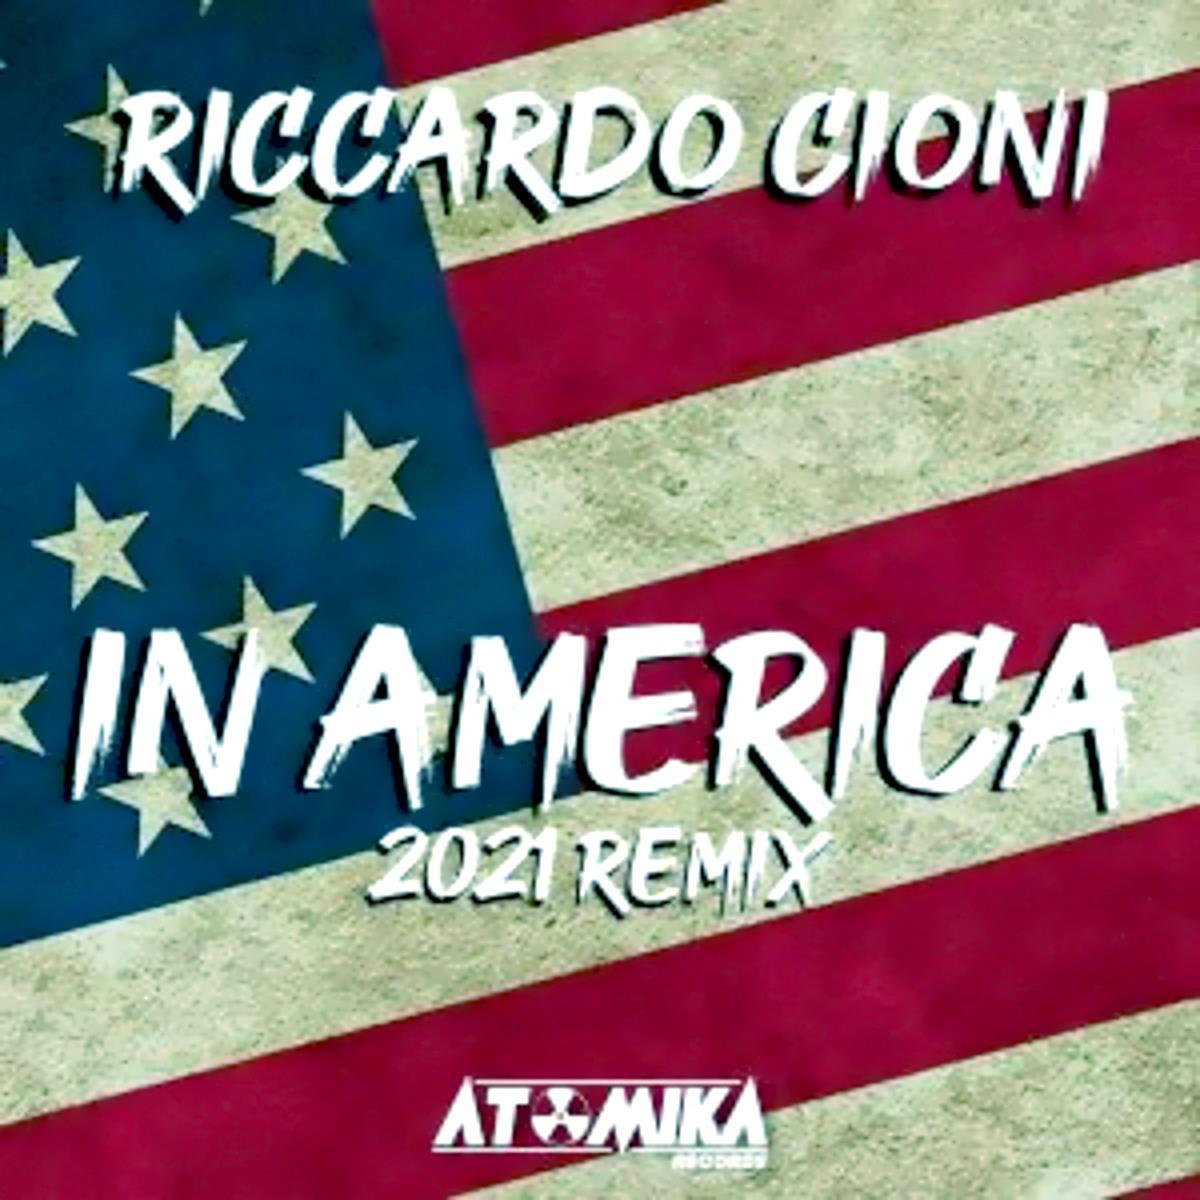 Riccardo Cioni - In America. Il remix di Luca Peruzzi & Matteo Sala esce l'11 dicembre 2020 su Atomika / Jaywork